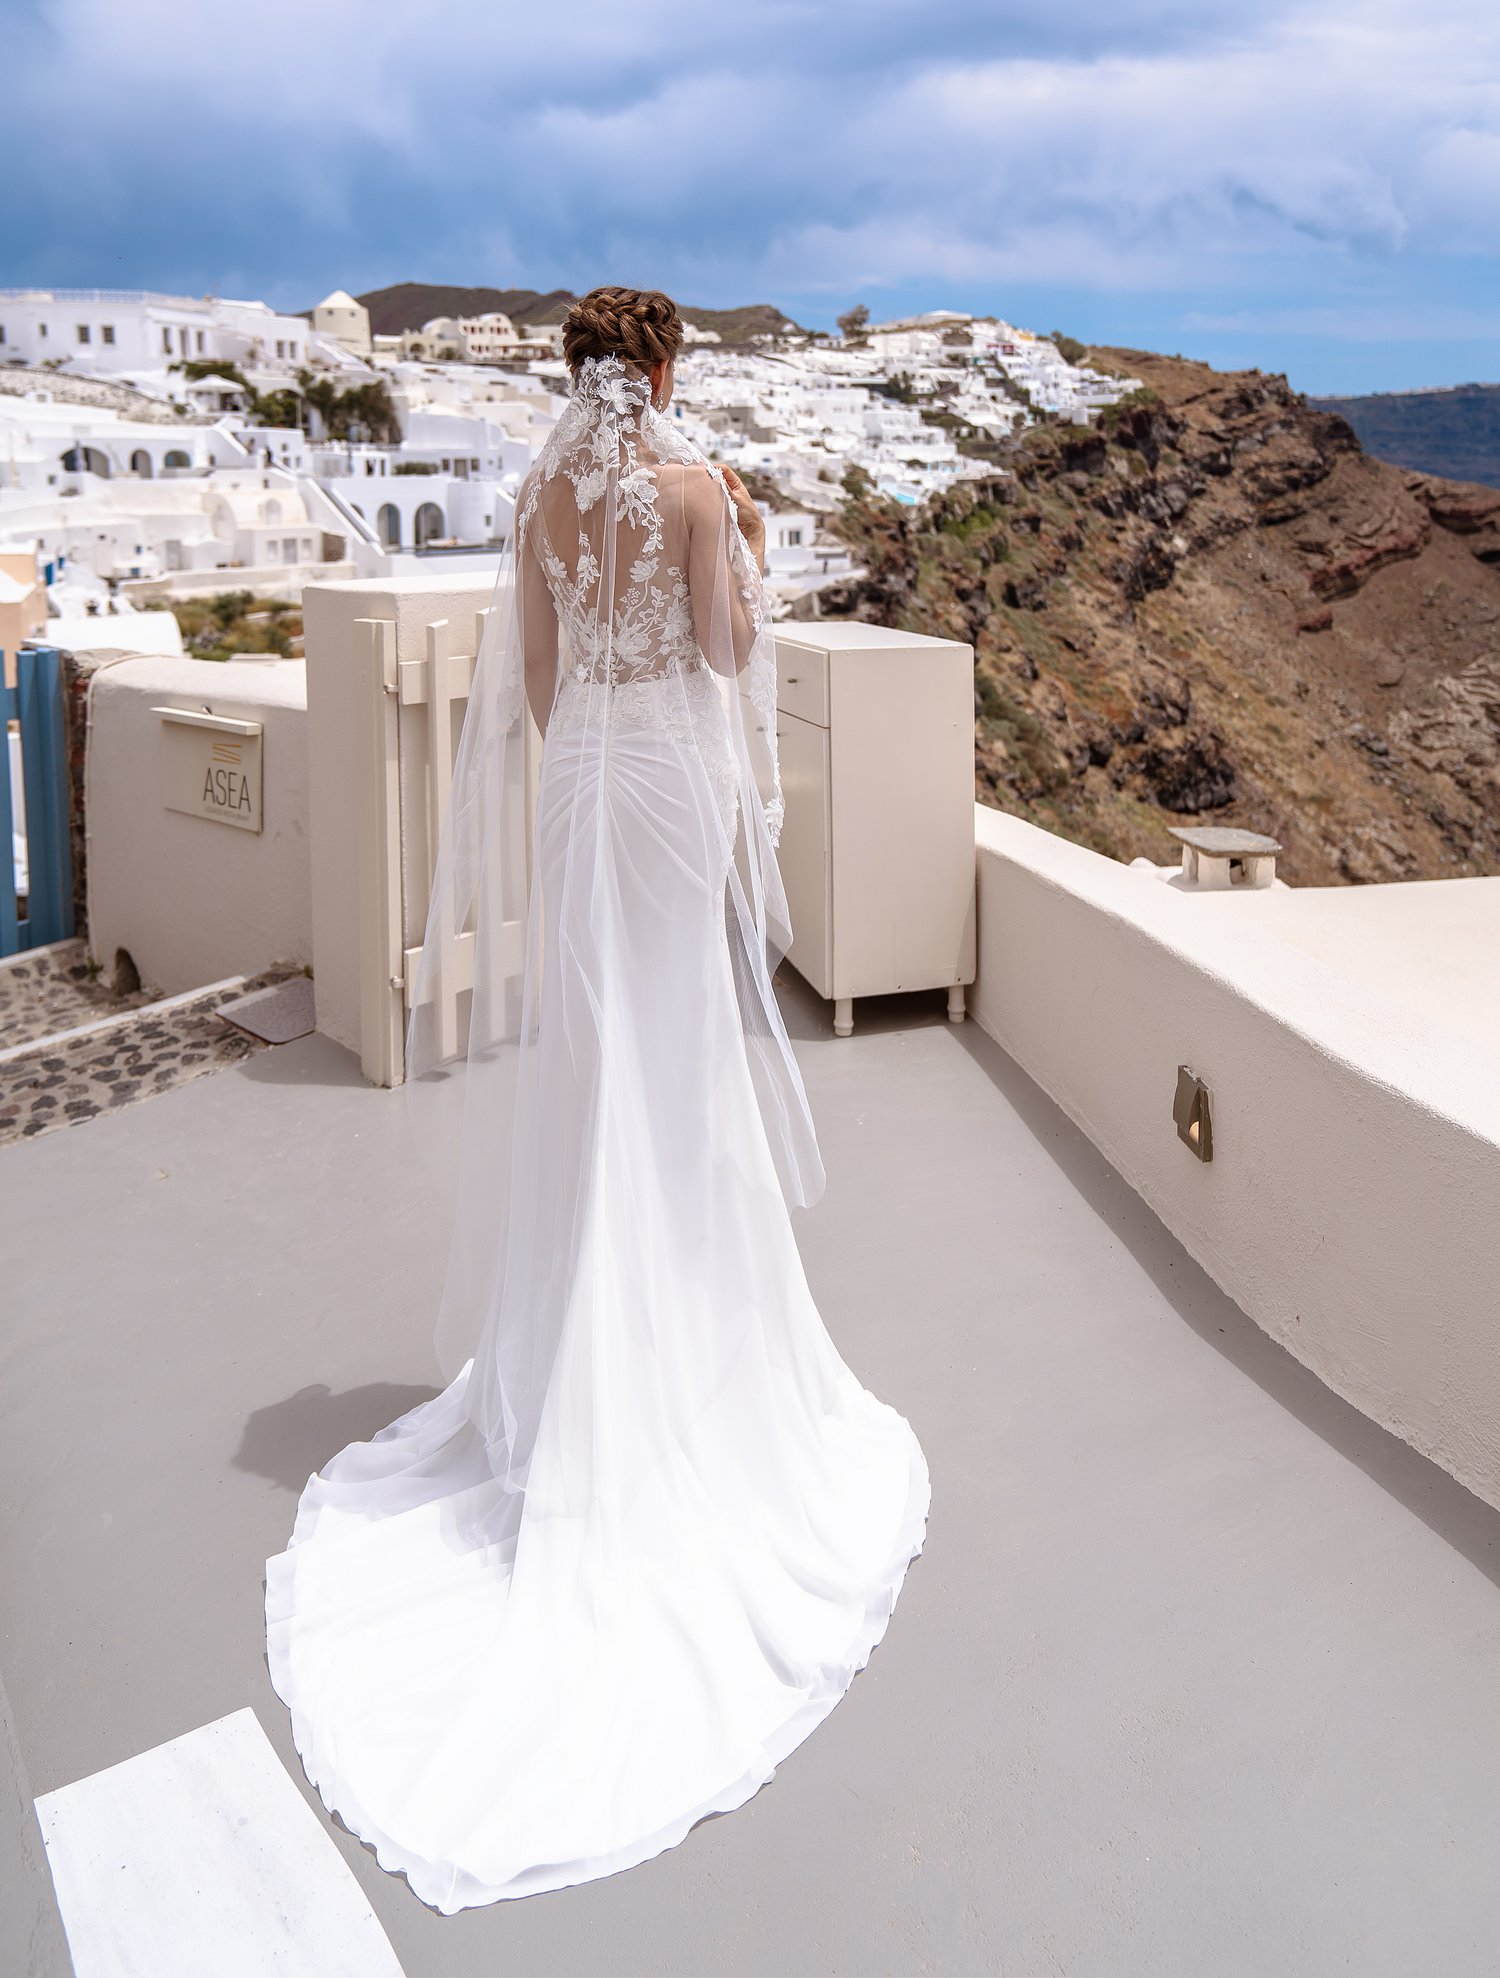 Весільна фата «іспанка» з об'ємними аплікаціями від ТМ Silviamo за оптовими цінами-1